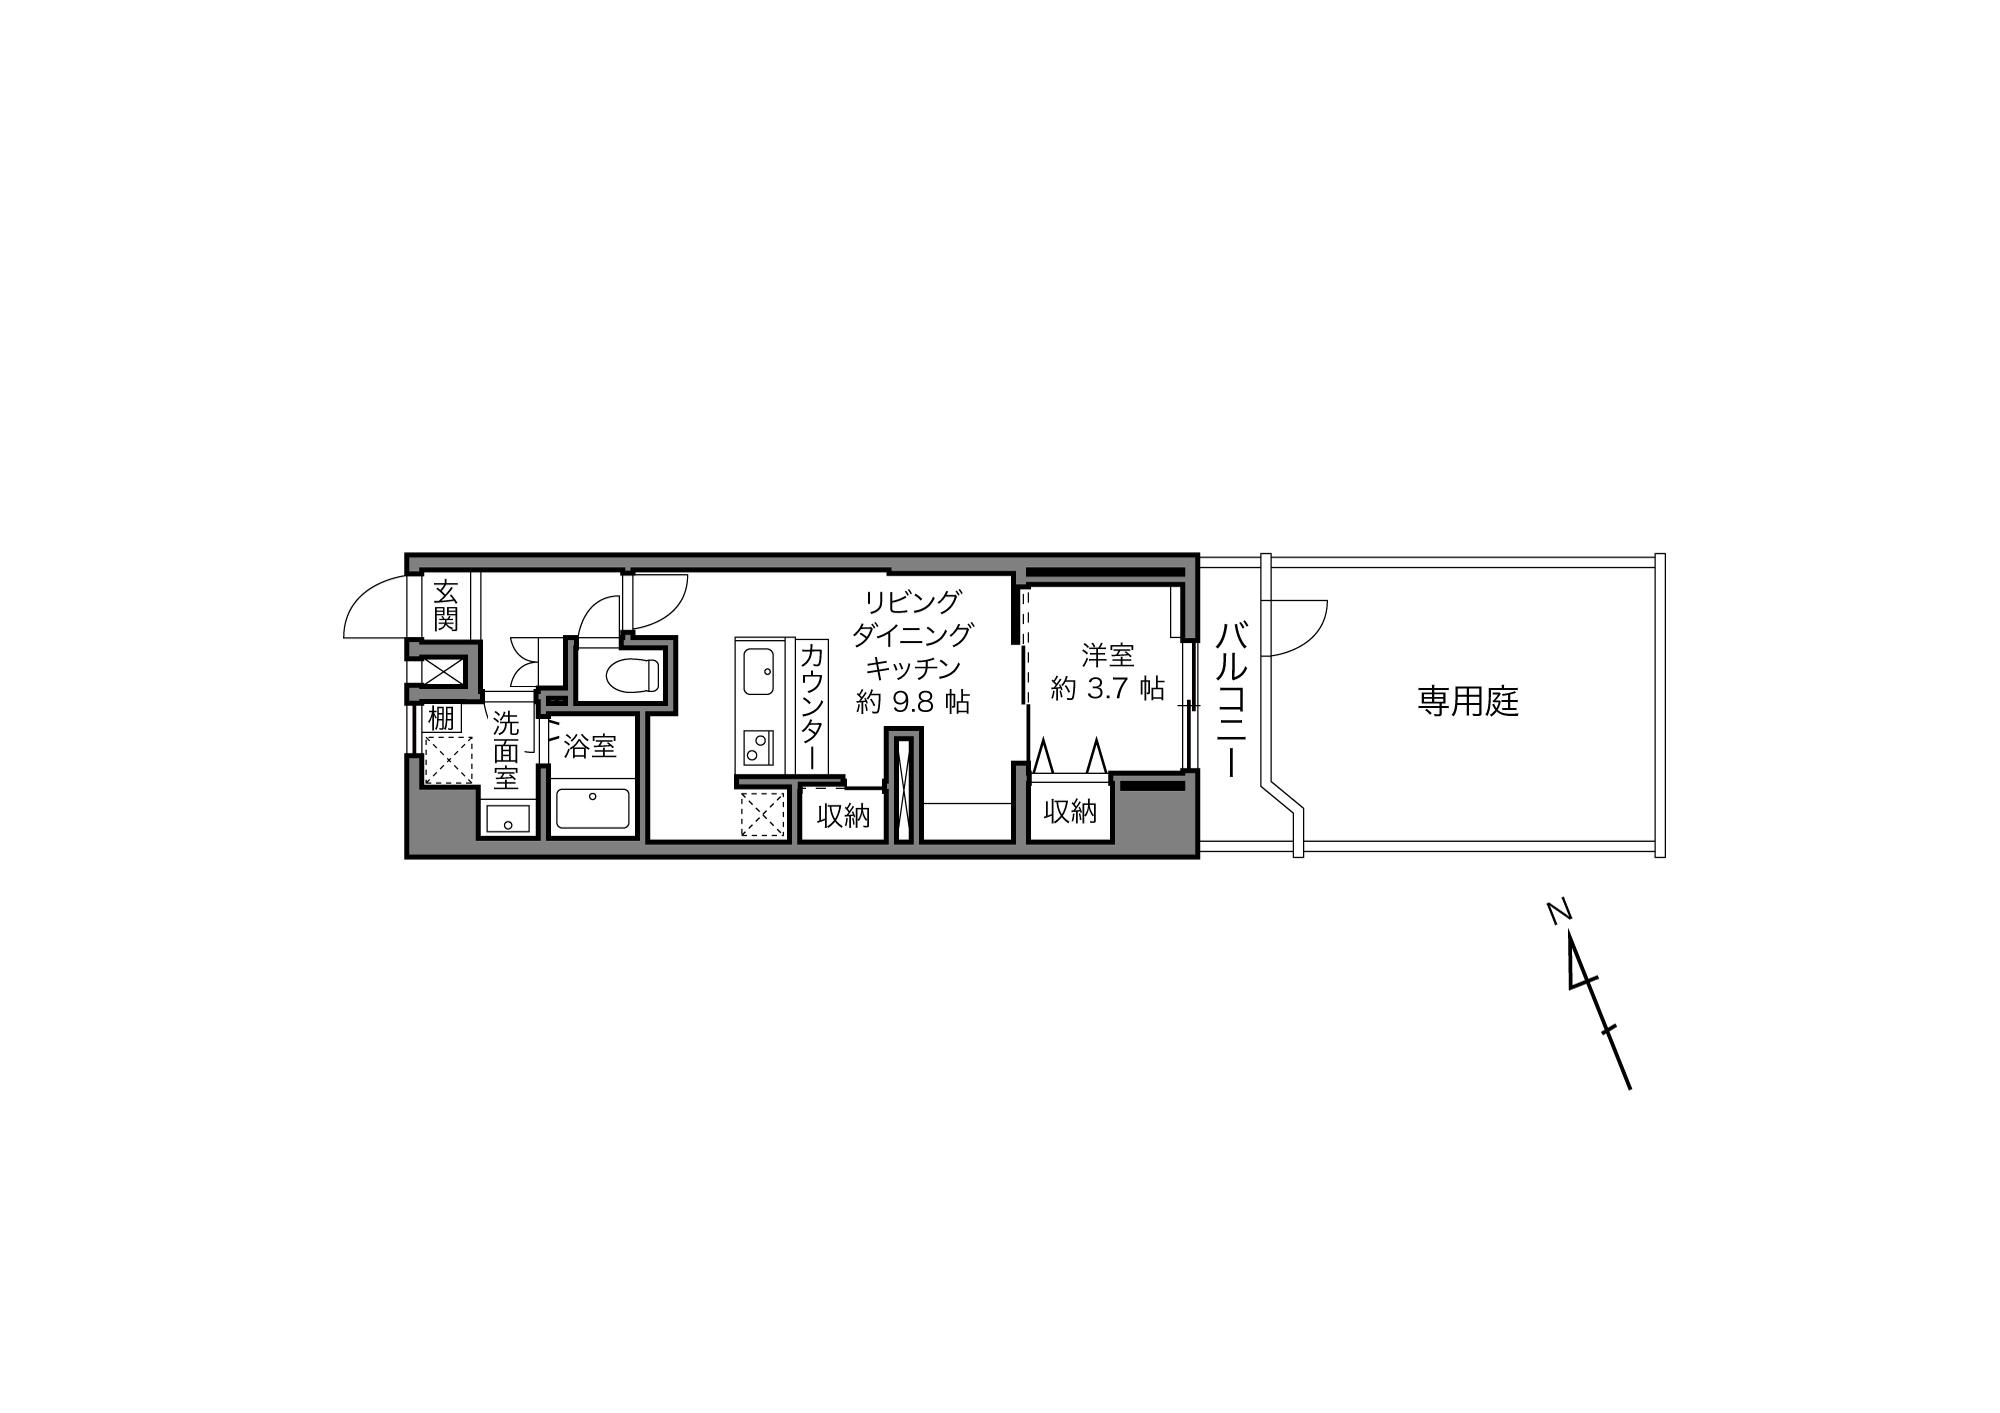 東高円寺駅 / 1LDK+M / 36.50㎡